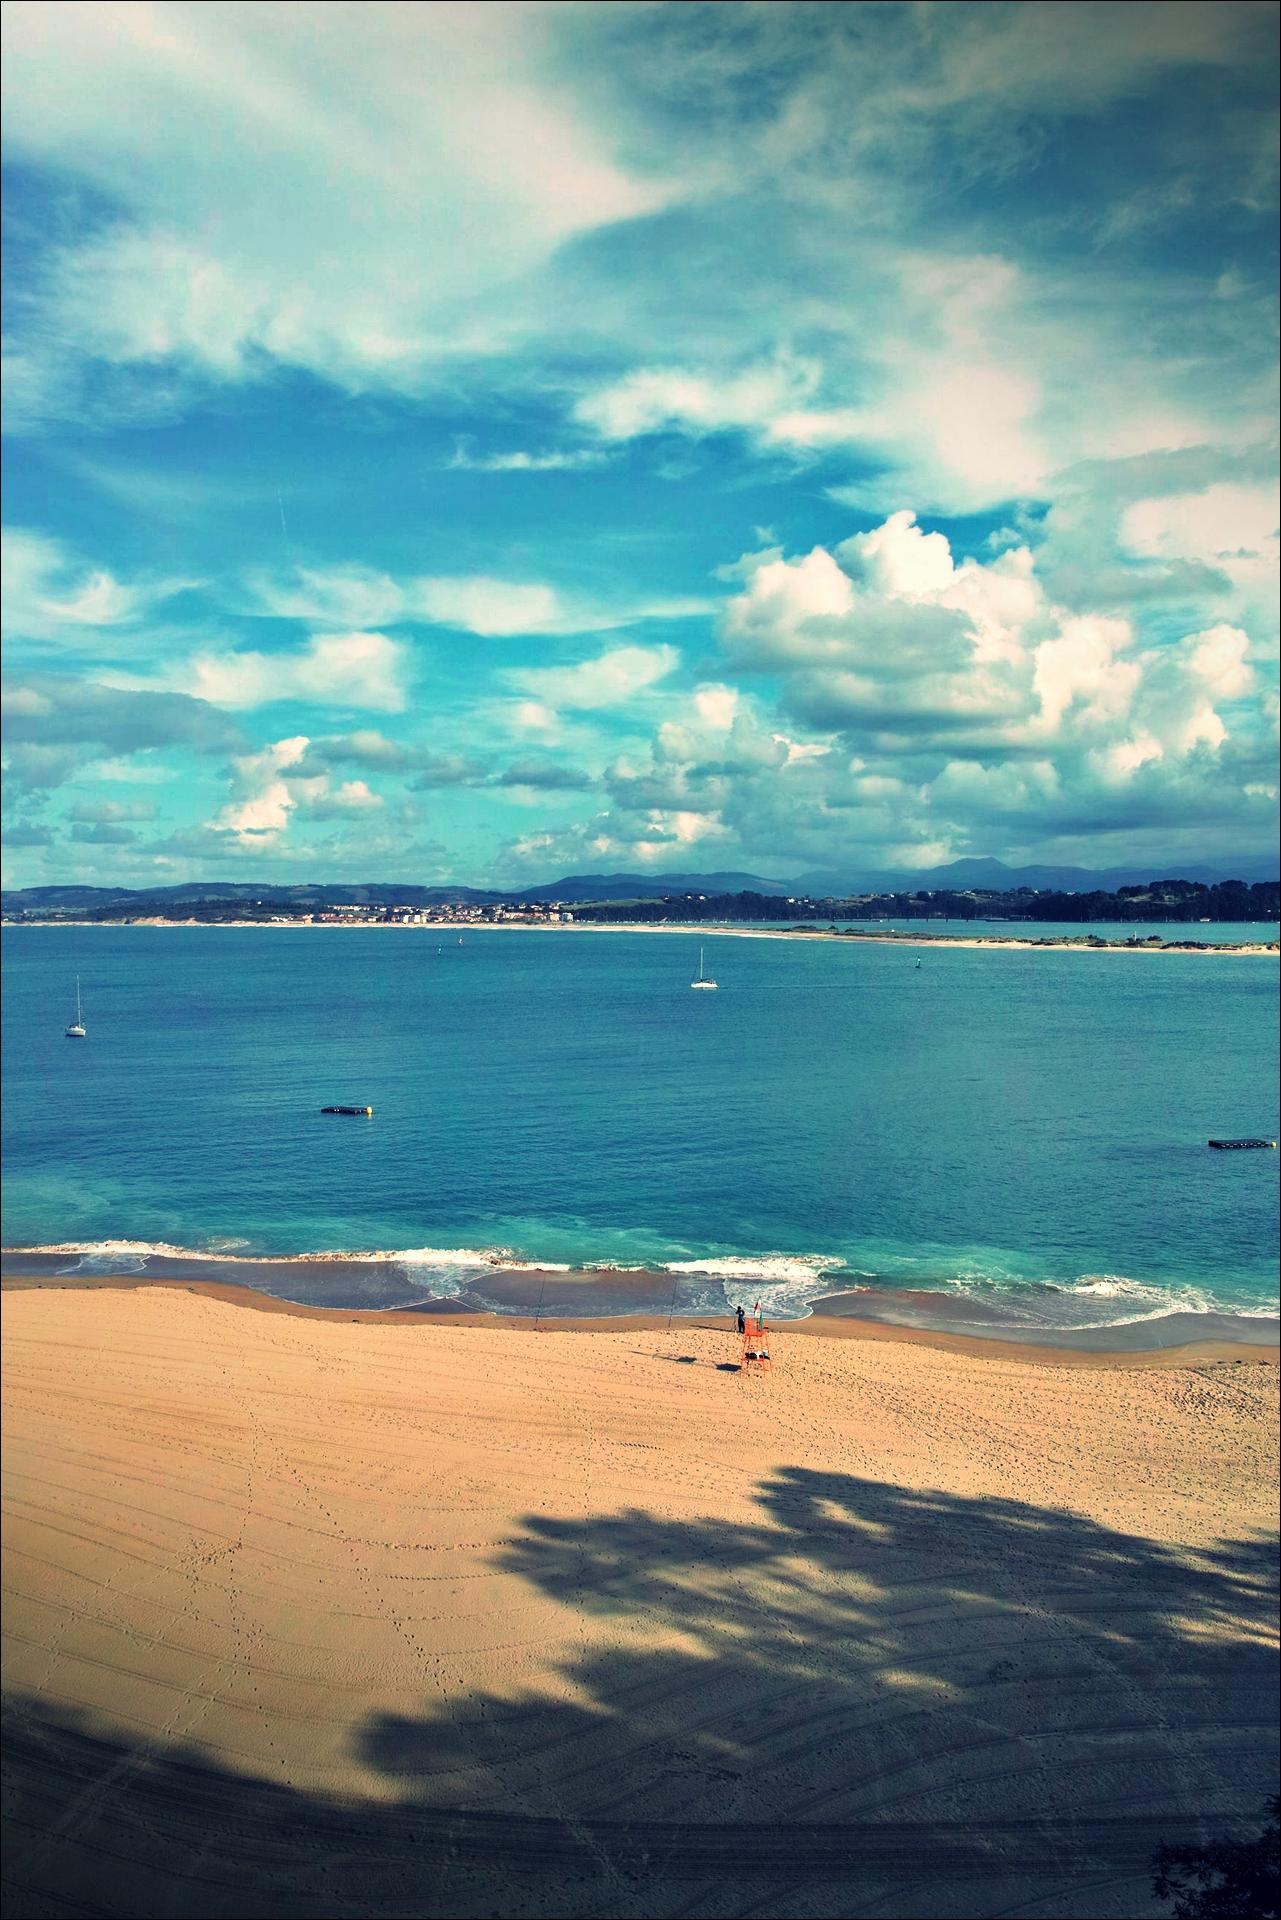 해변-'그란 호텔 빅토리아, 산탄데르, 스페인 (Gran Hotel Victoria, Santander, Spain)'